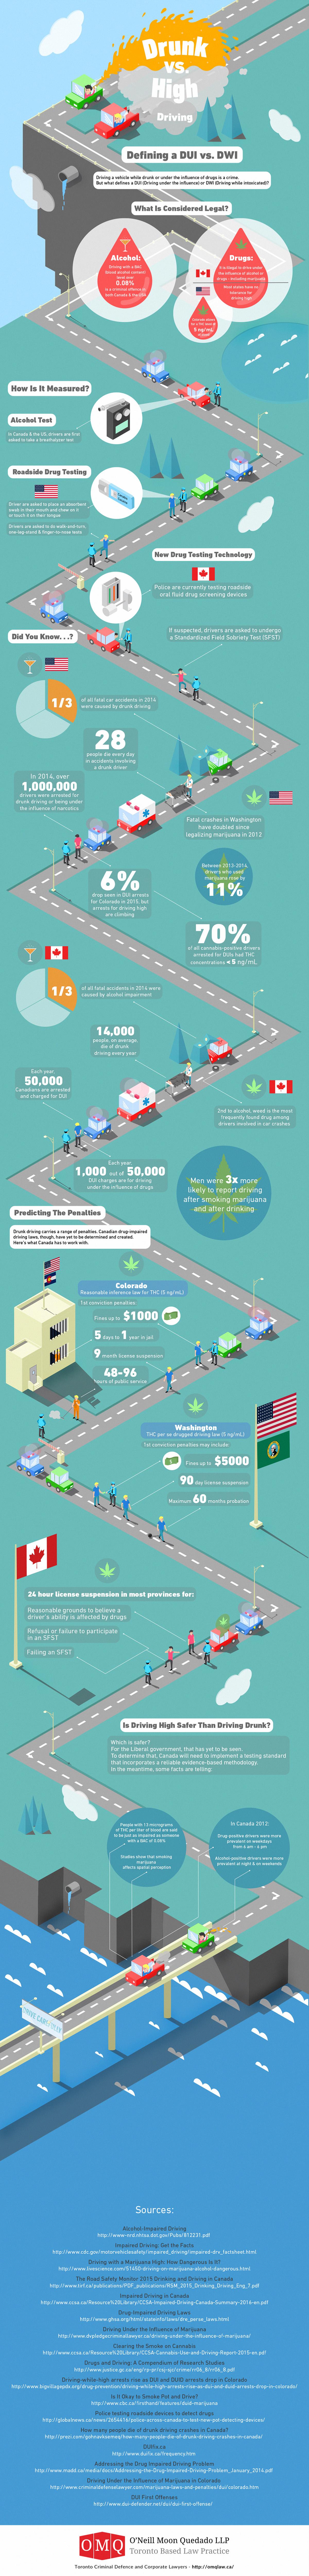 Infographic Rijden onder invloed, dronken vs high